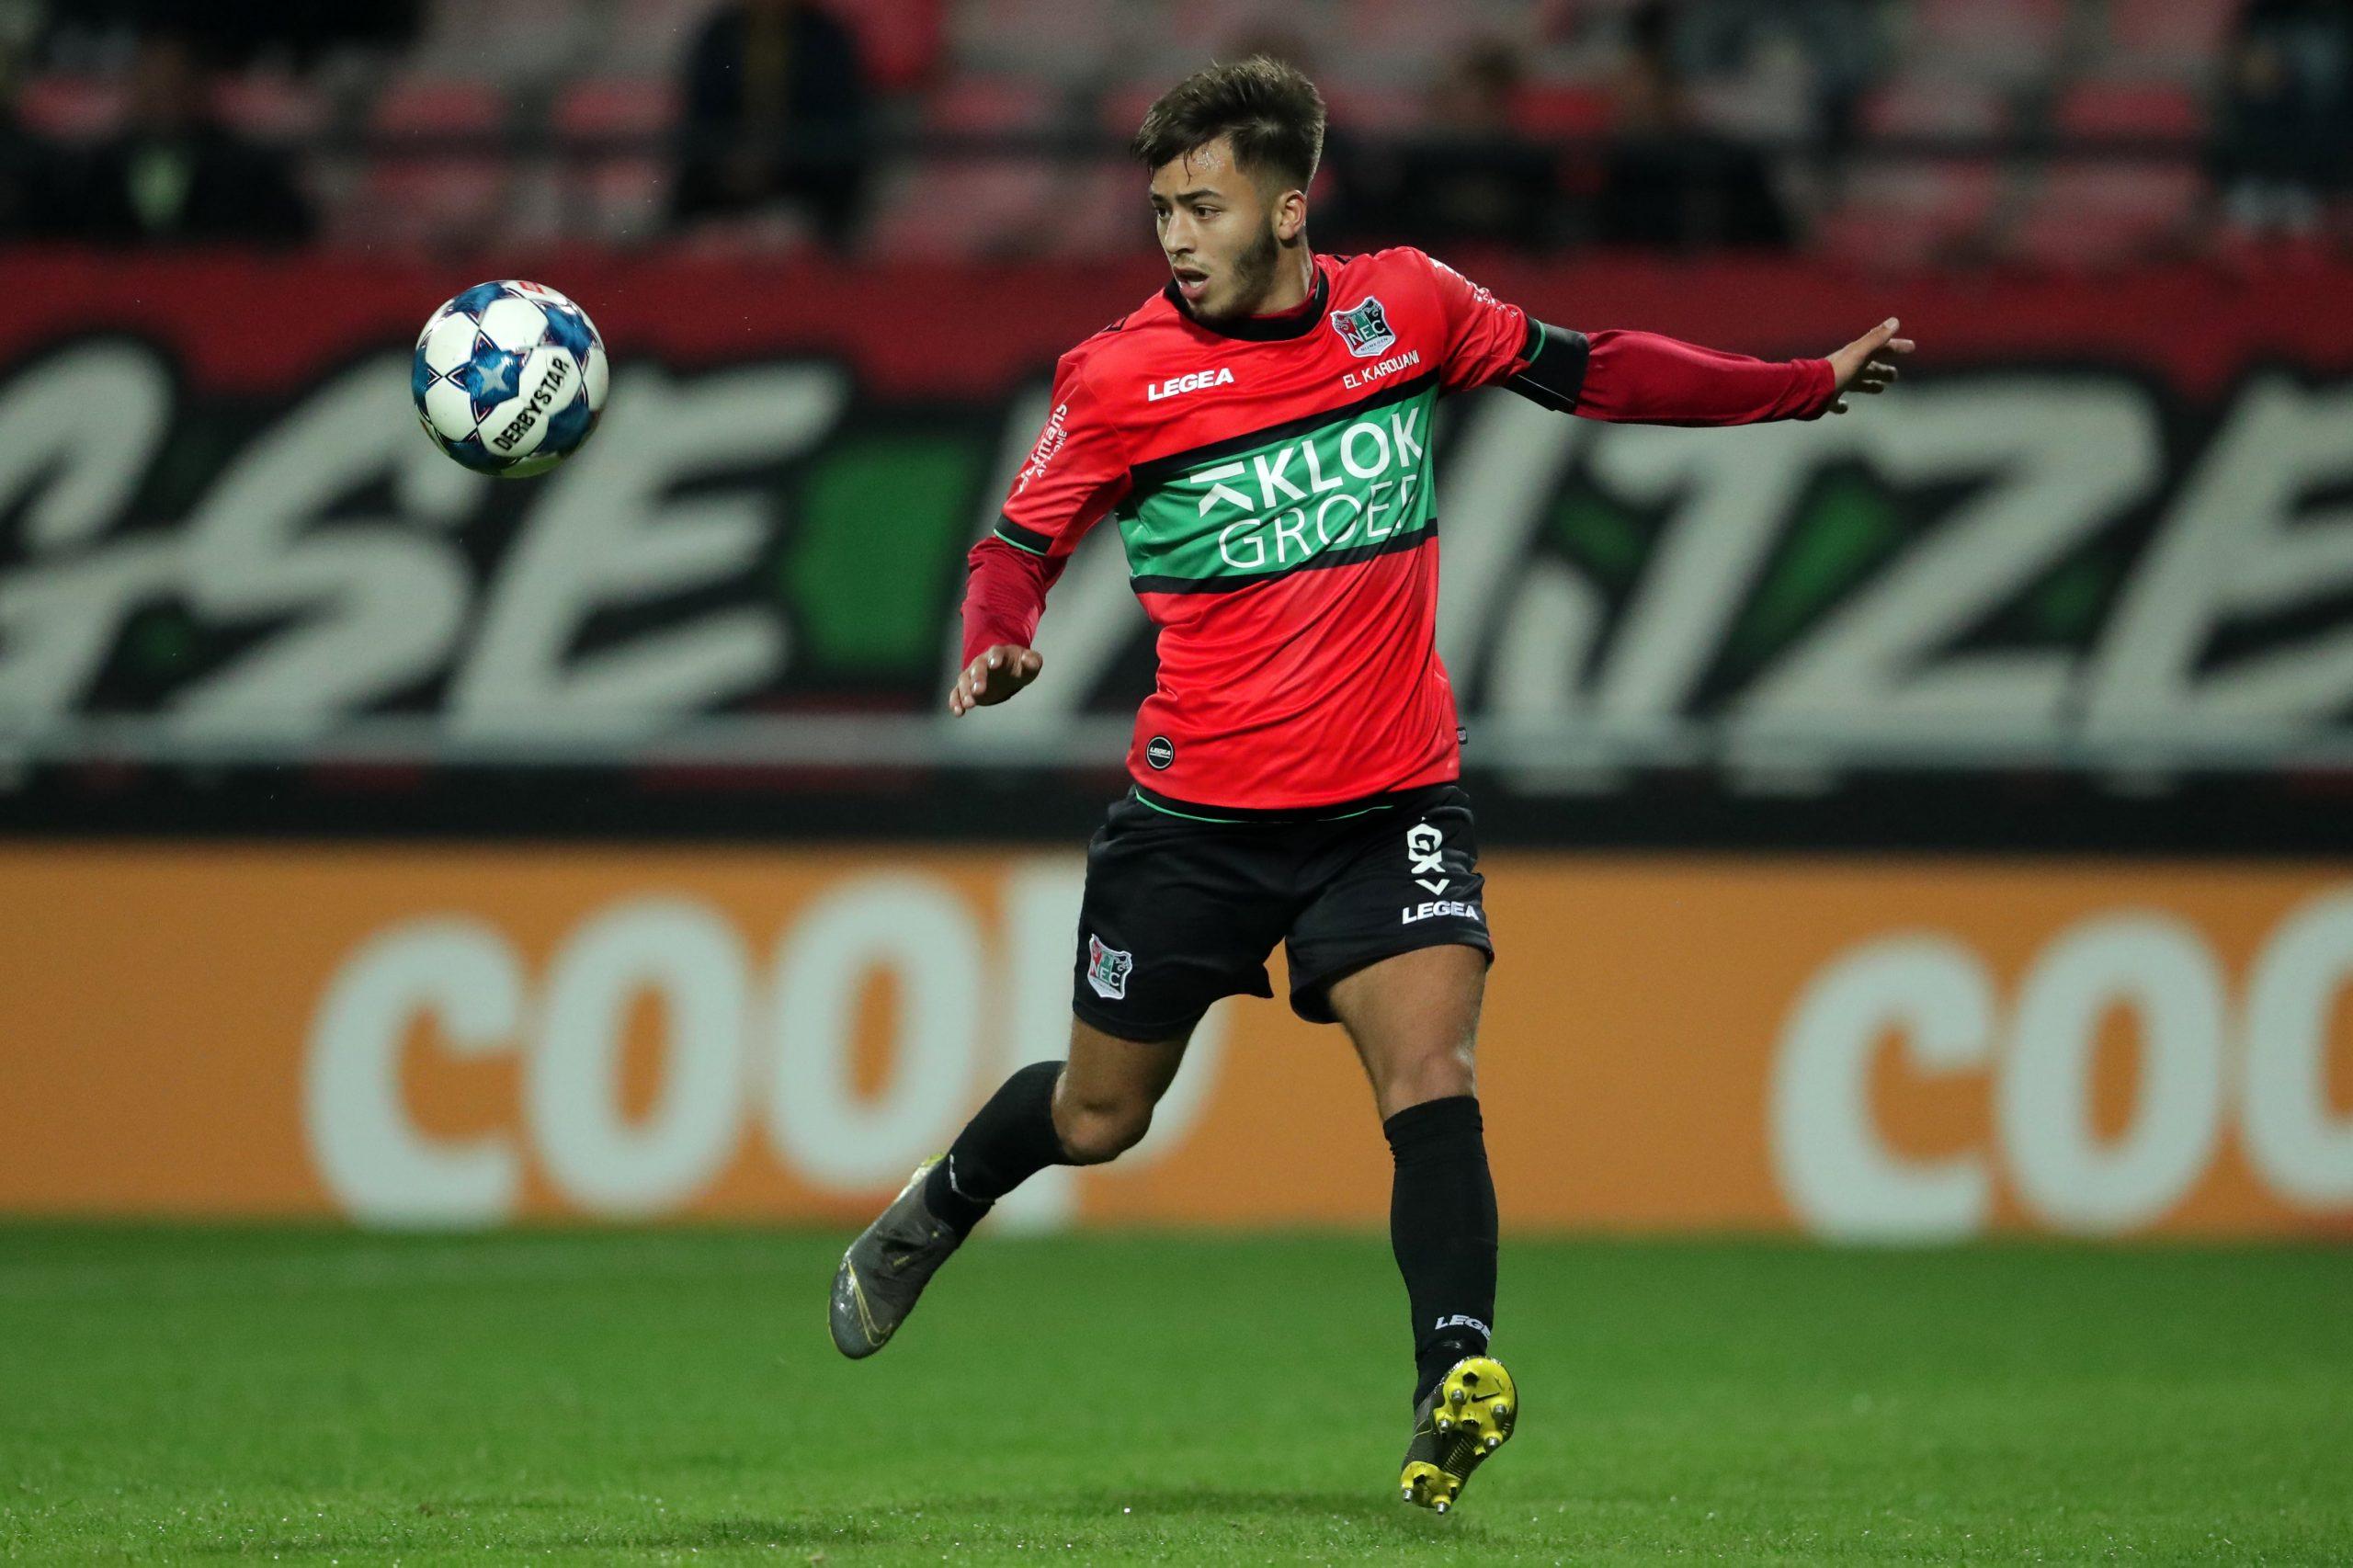 صحيفة هولندية تختار سفيان الكرواني من بين أفضل اللاعبين ب إرديفيزي